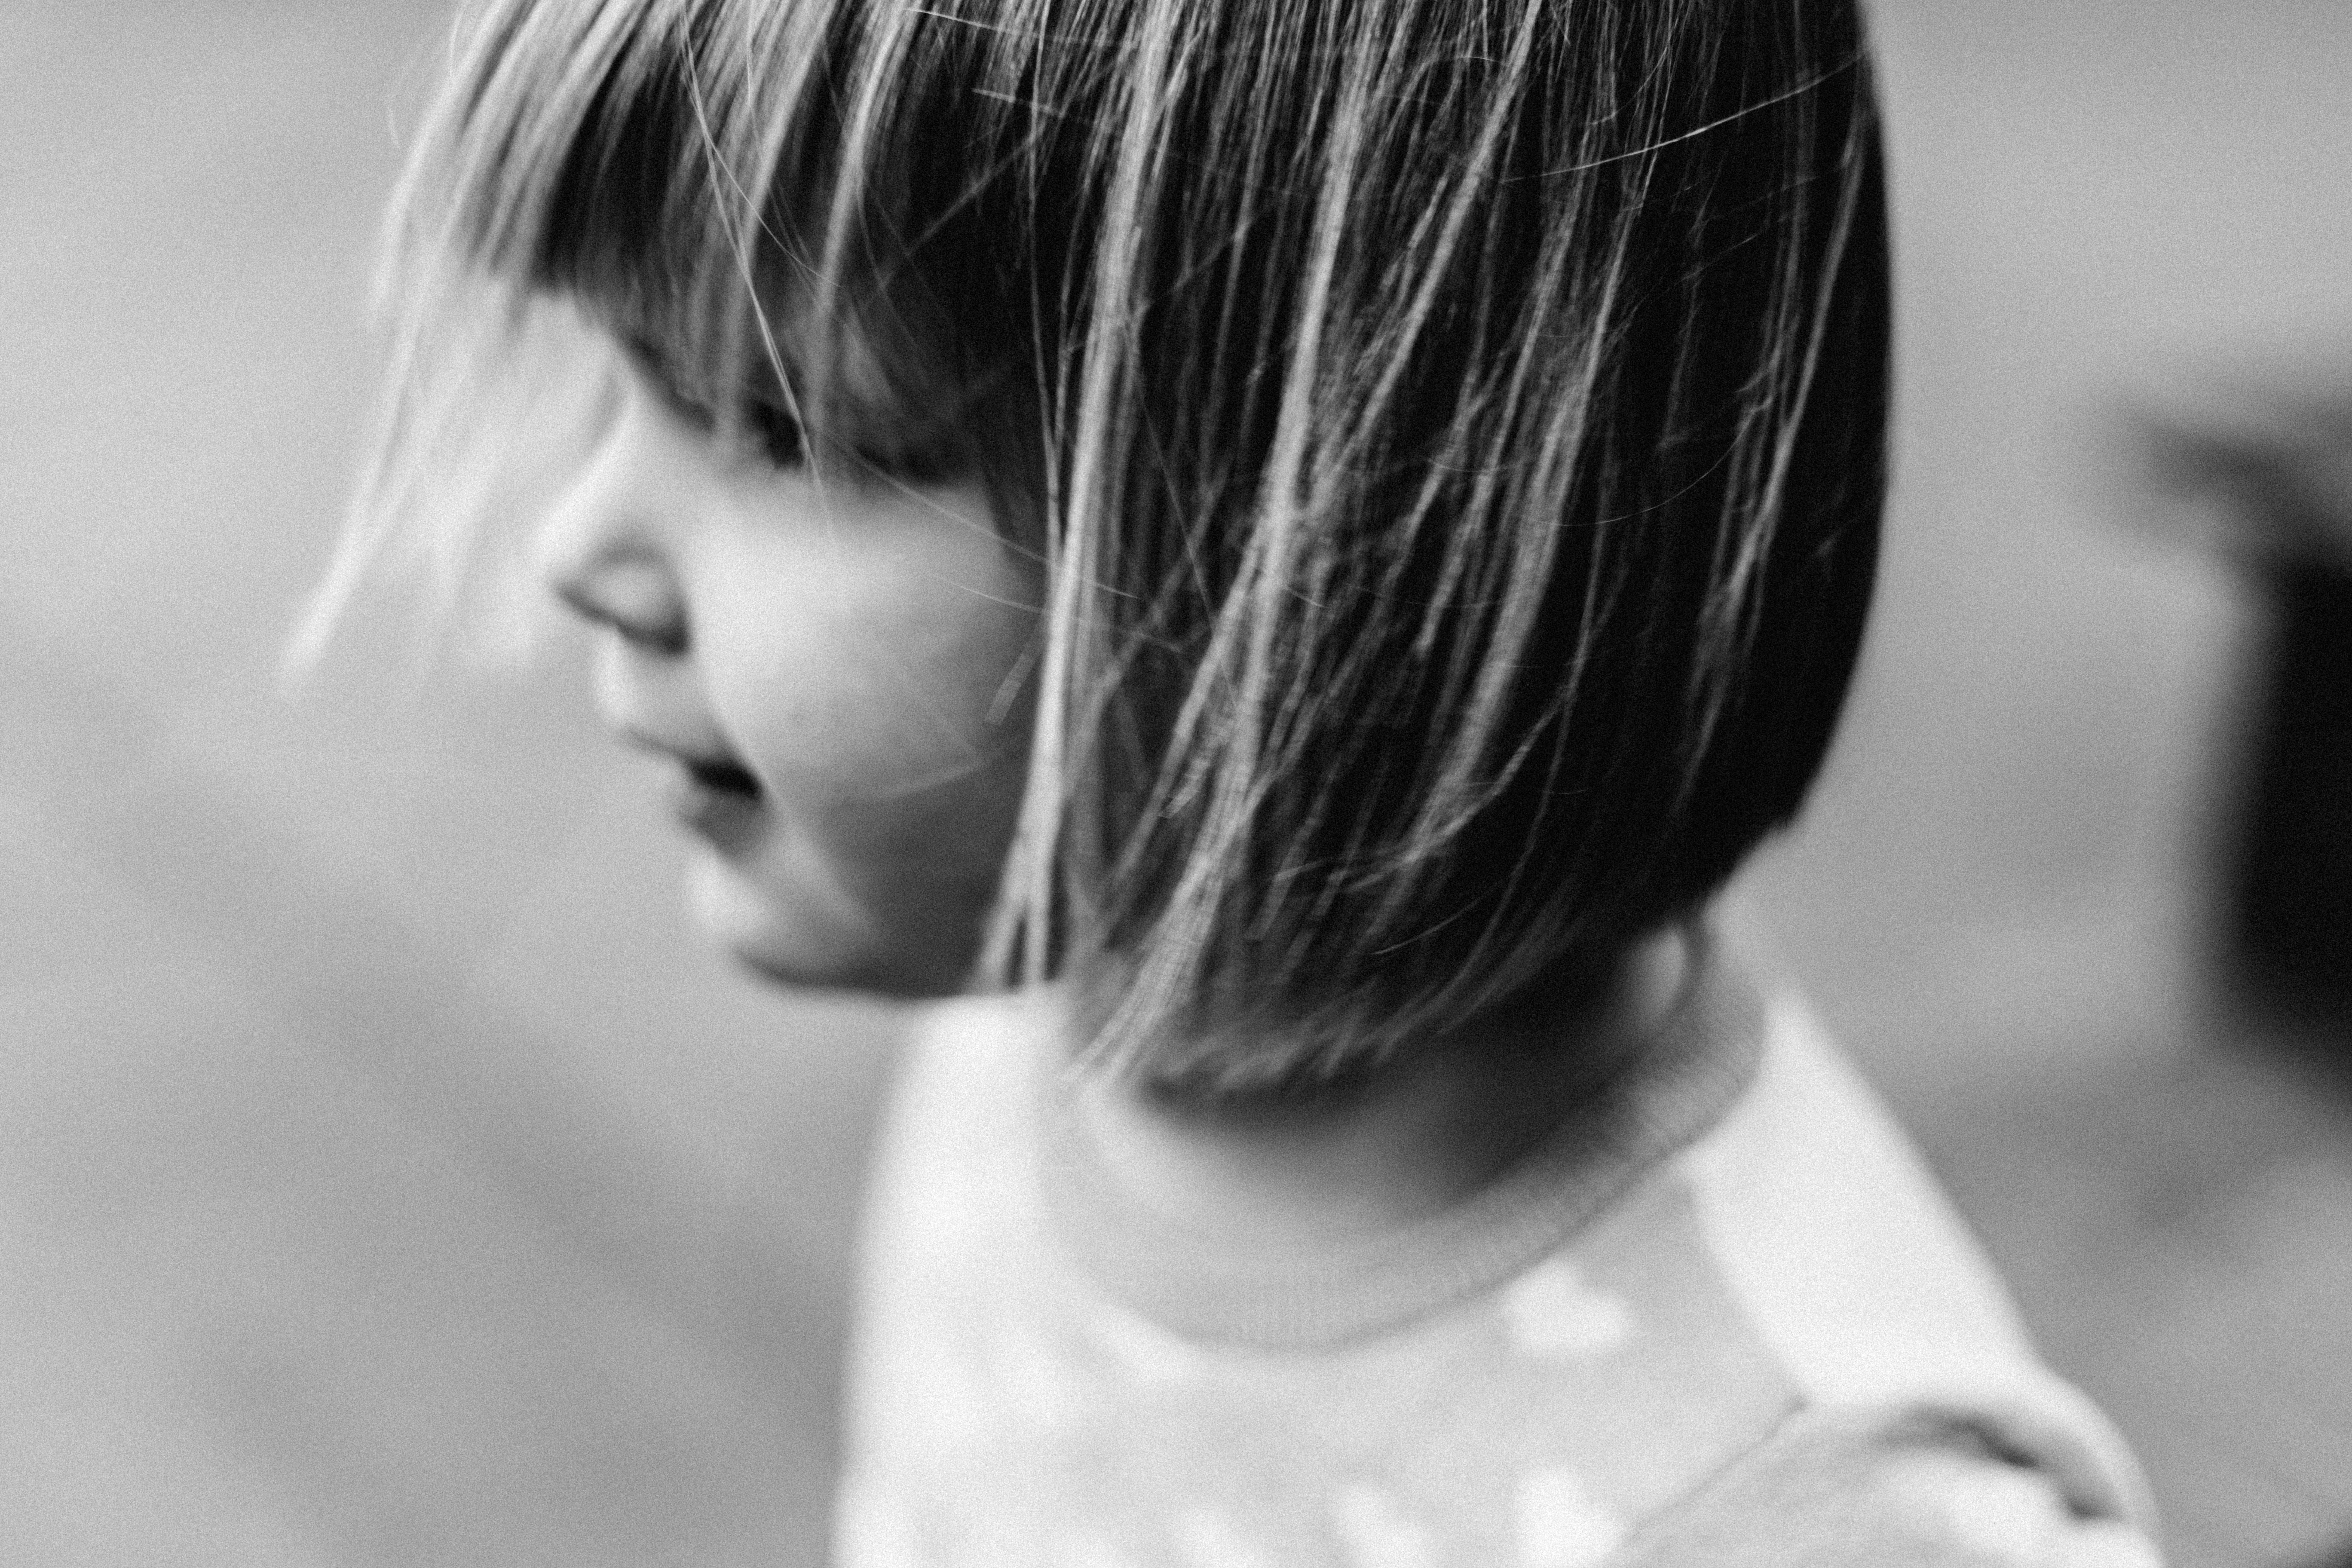 photo of girl wearing gray crew-neck shirt